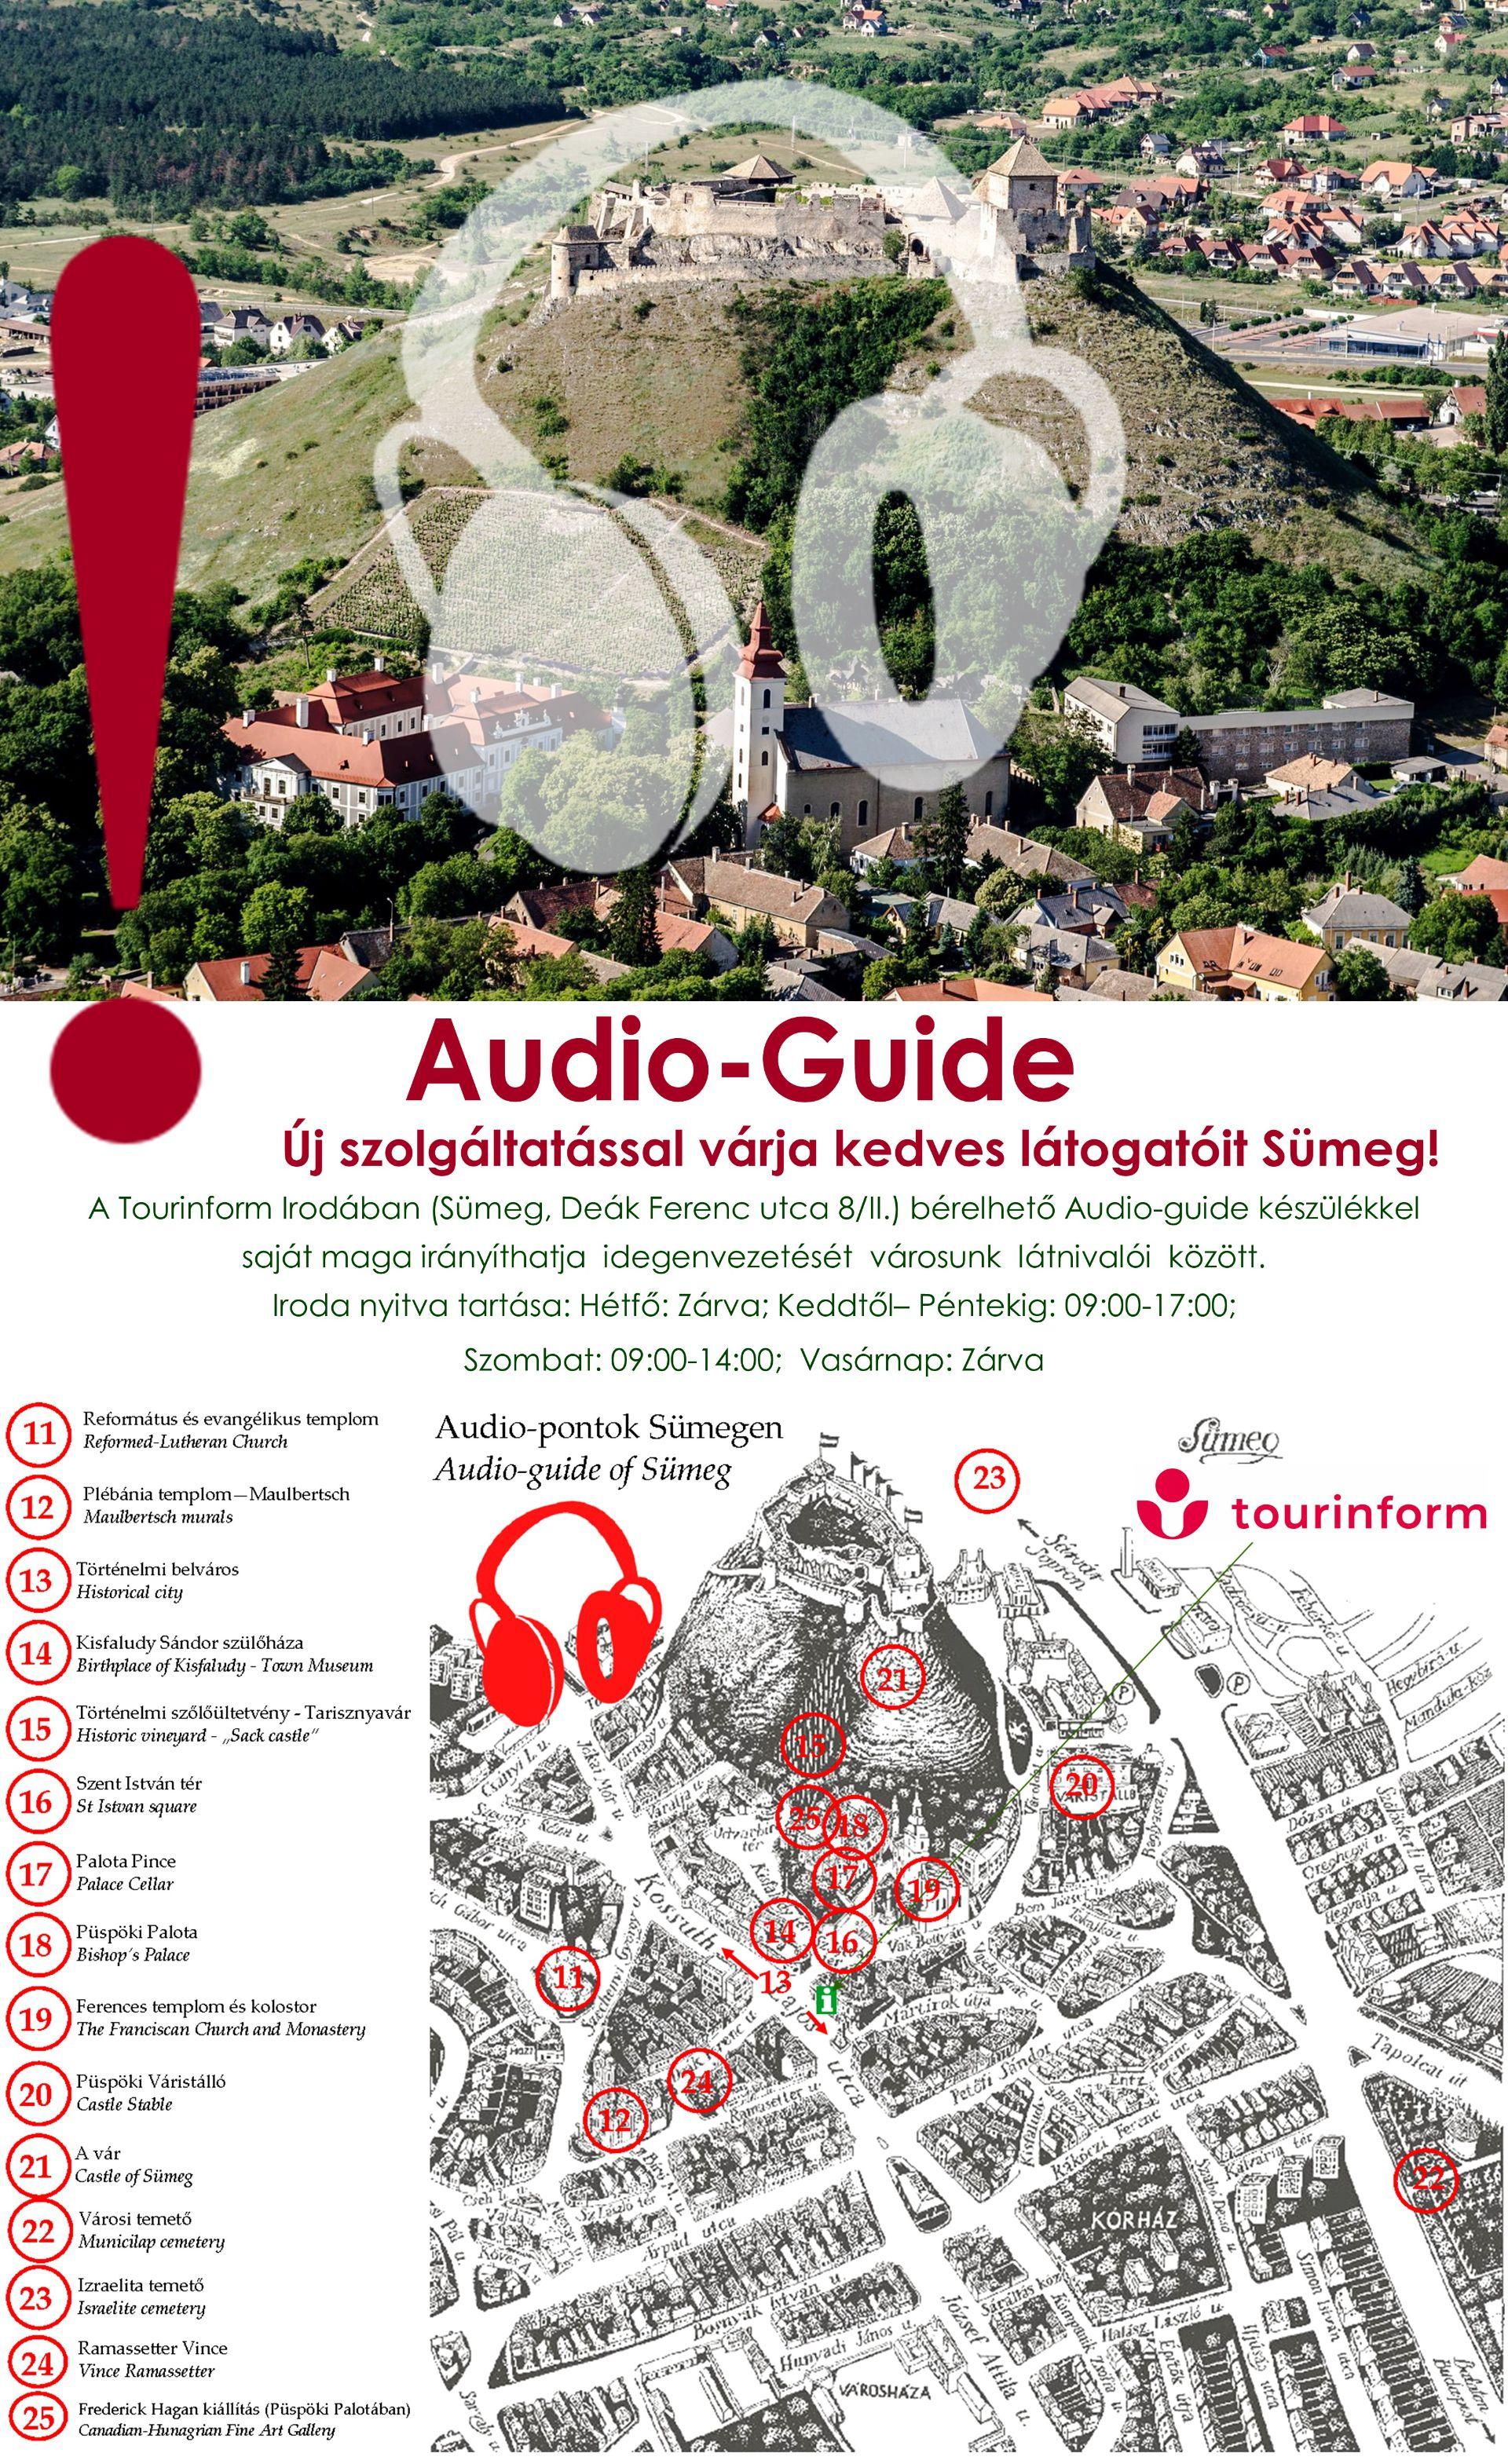 Bérelhető Audio-guide készülék